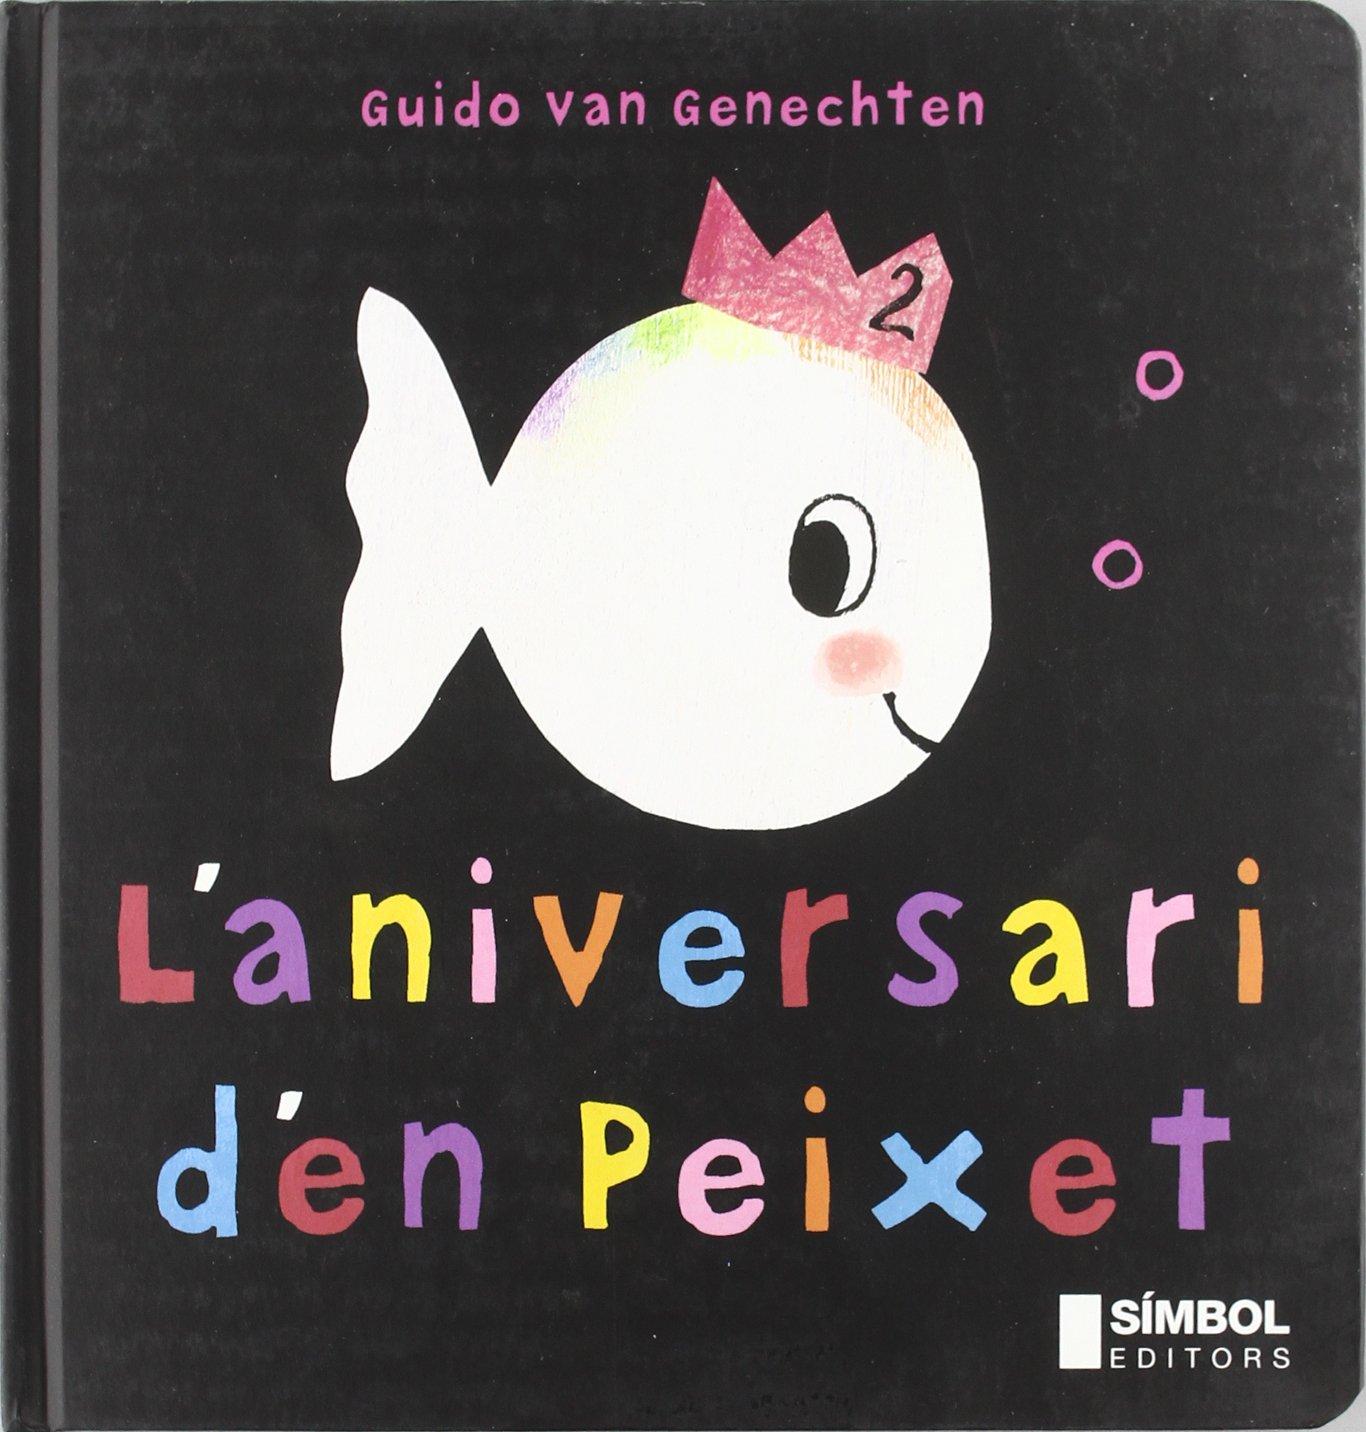 Resultado de imagen de l'aniversari d'en peixet